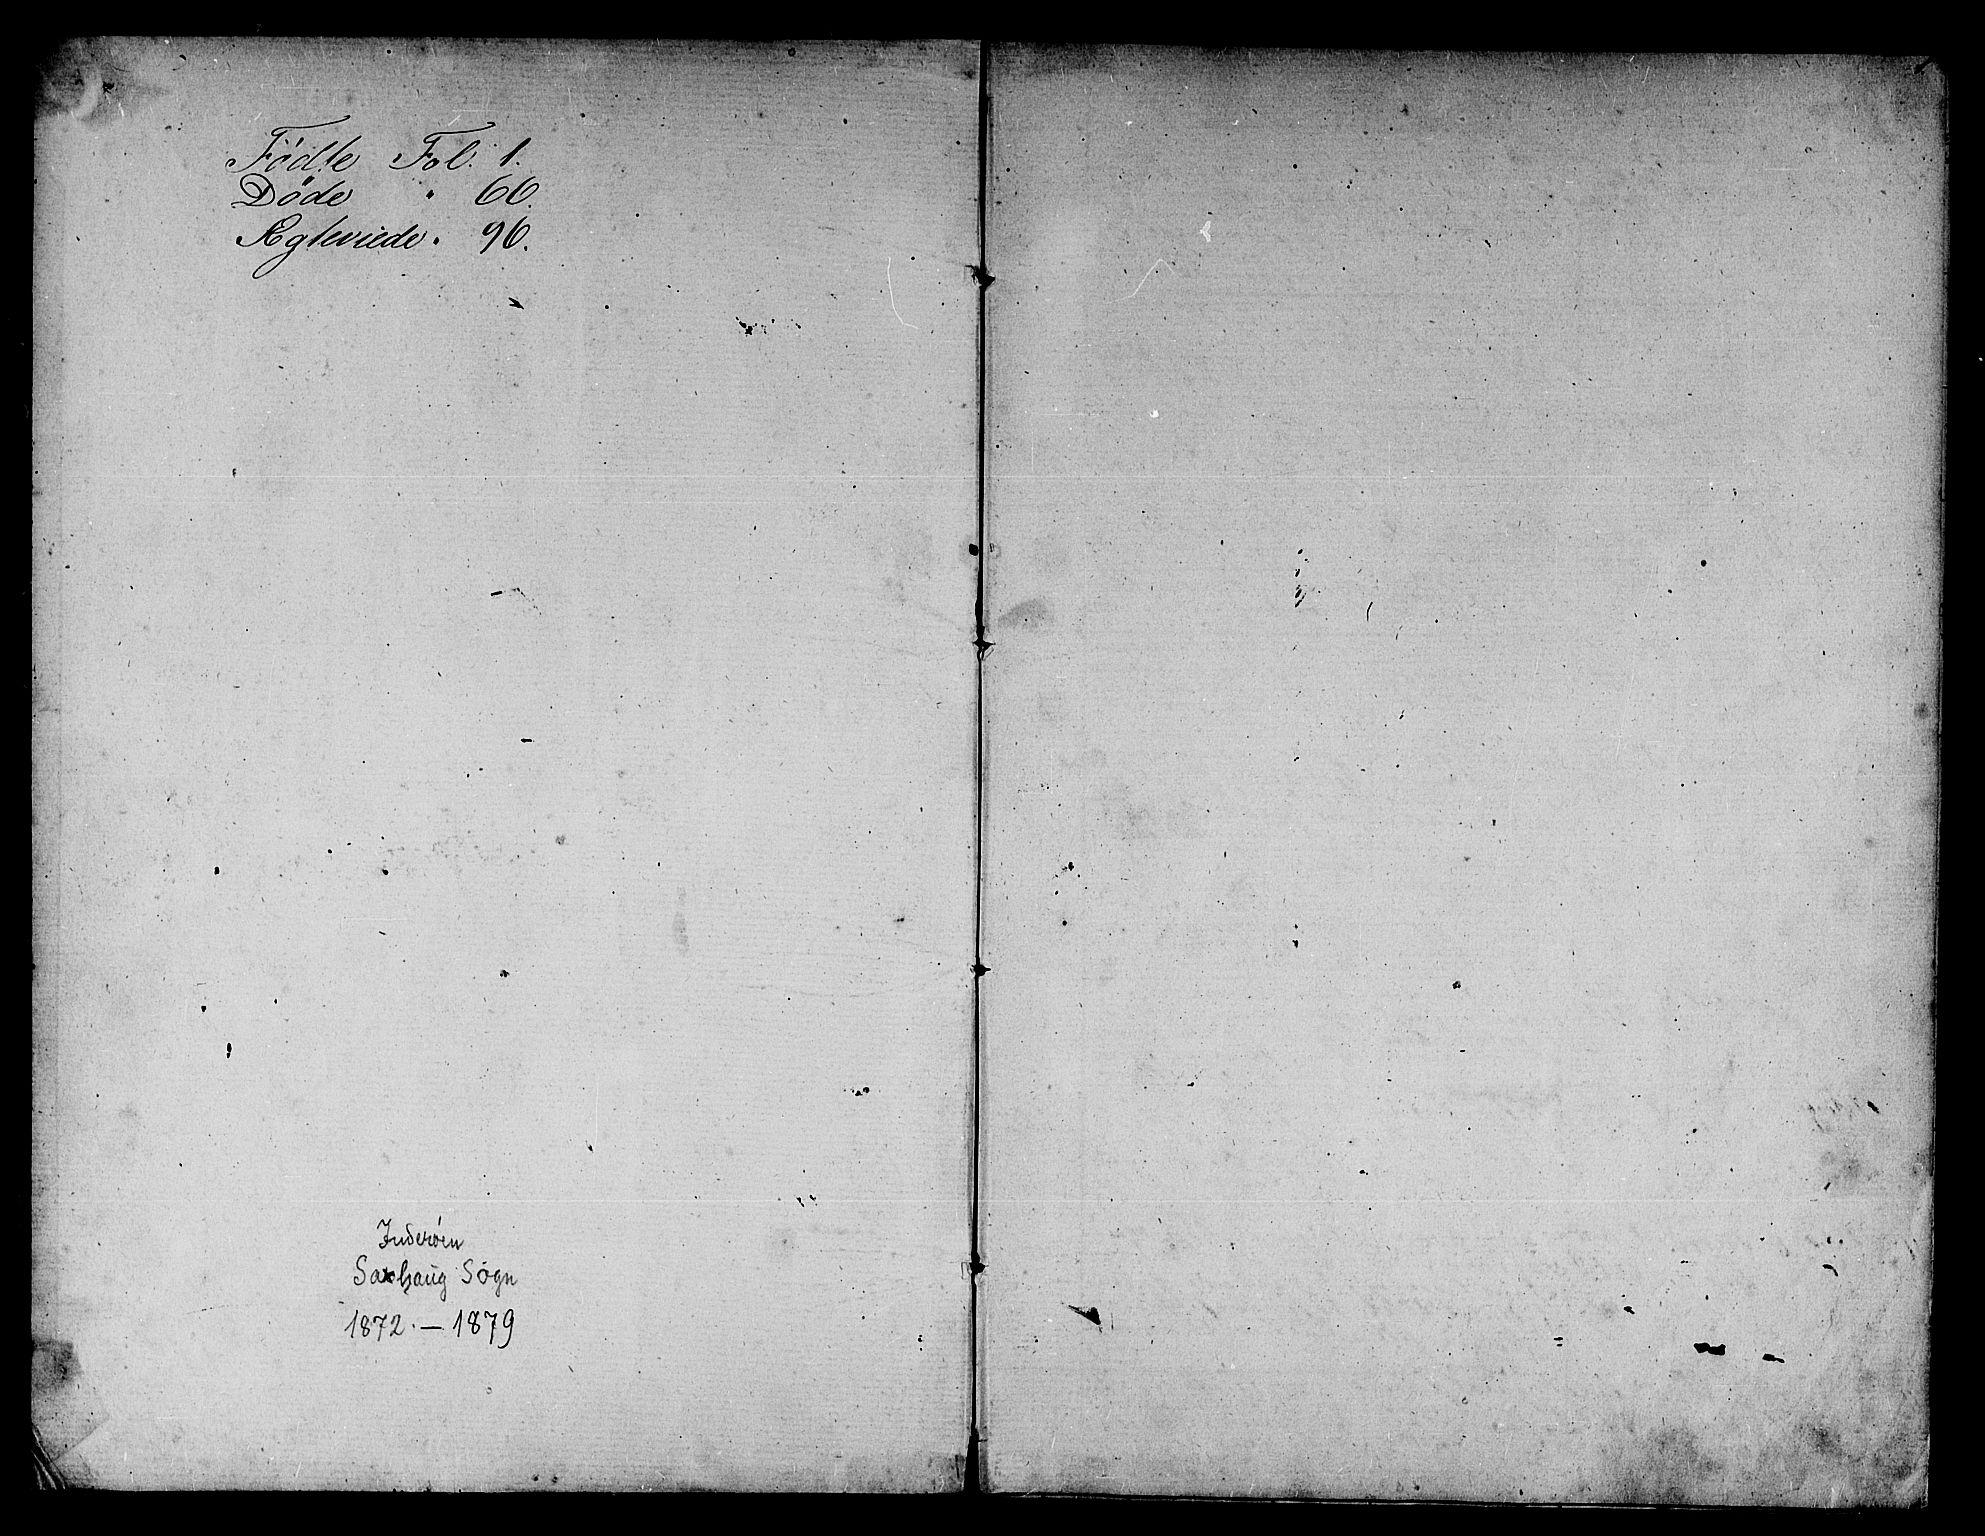 SAT, Ministerialprotokoller, klokkerbøker og fødselsregistre - Nord-Trøndelag, 730/L0300: Parish register (copy) no. 730C03, 1872-1879, p. 1